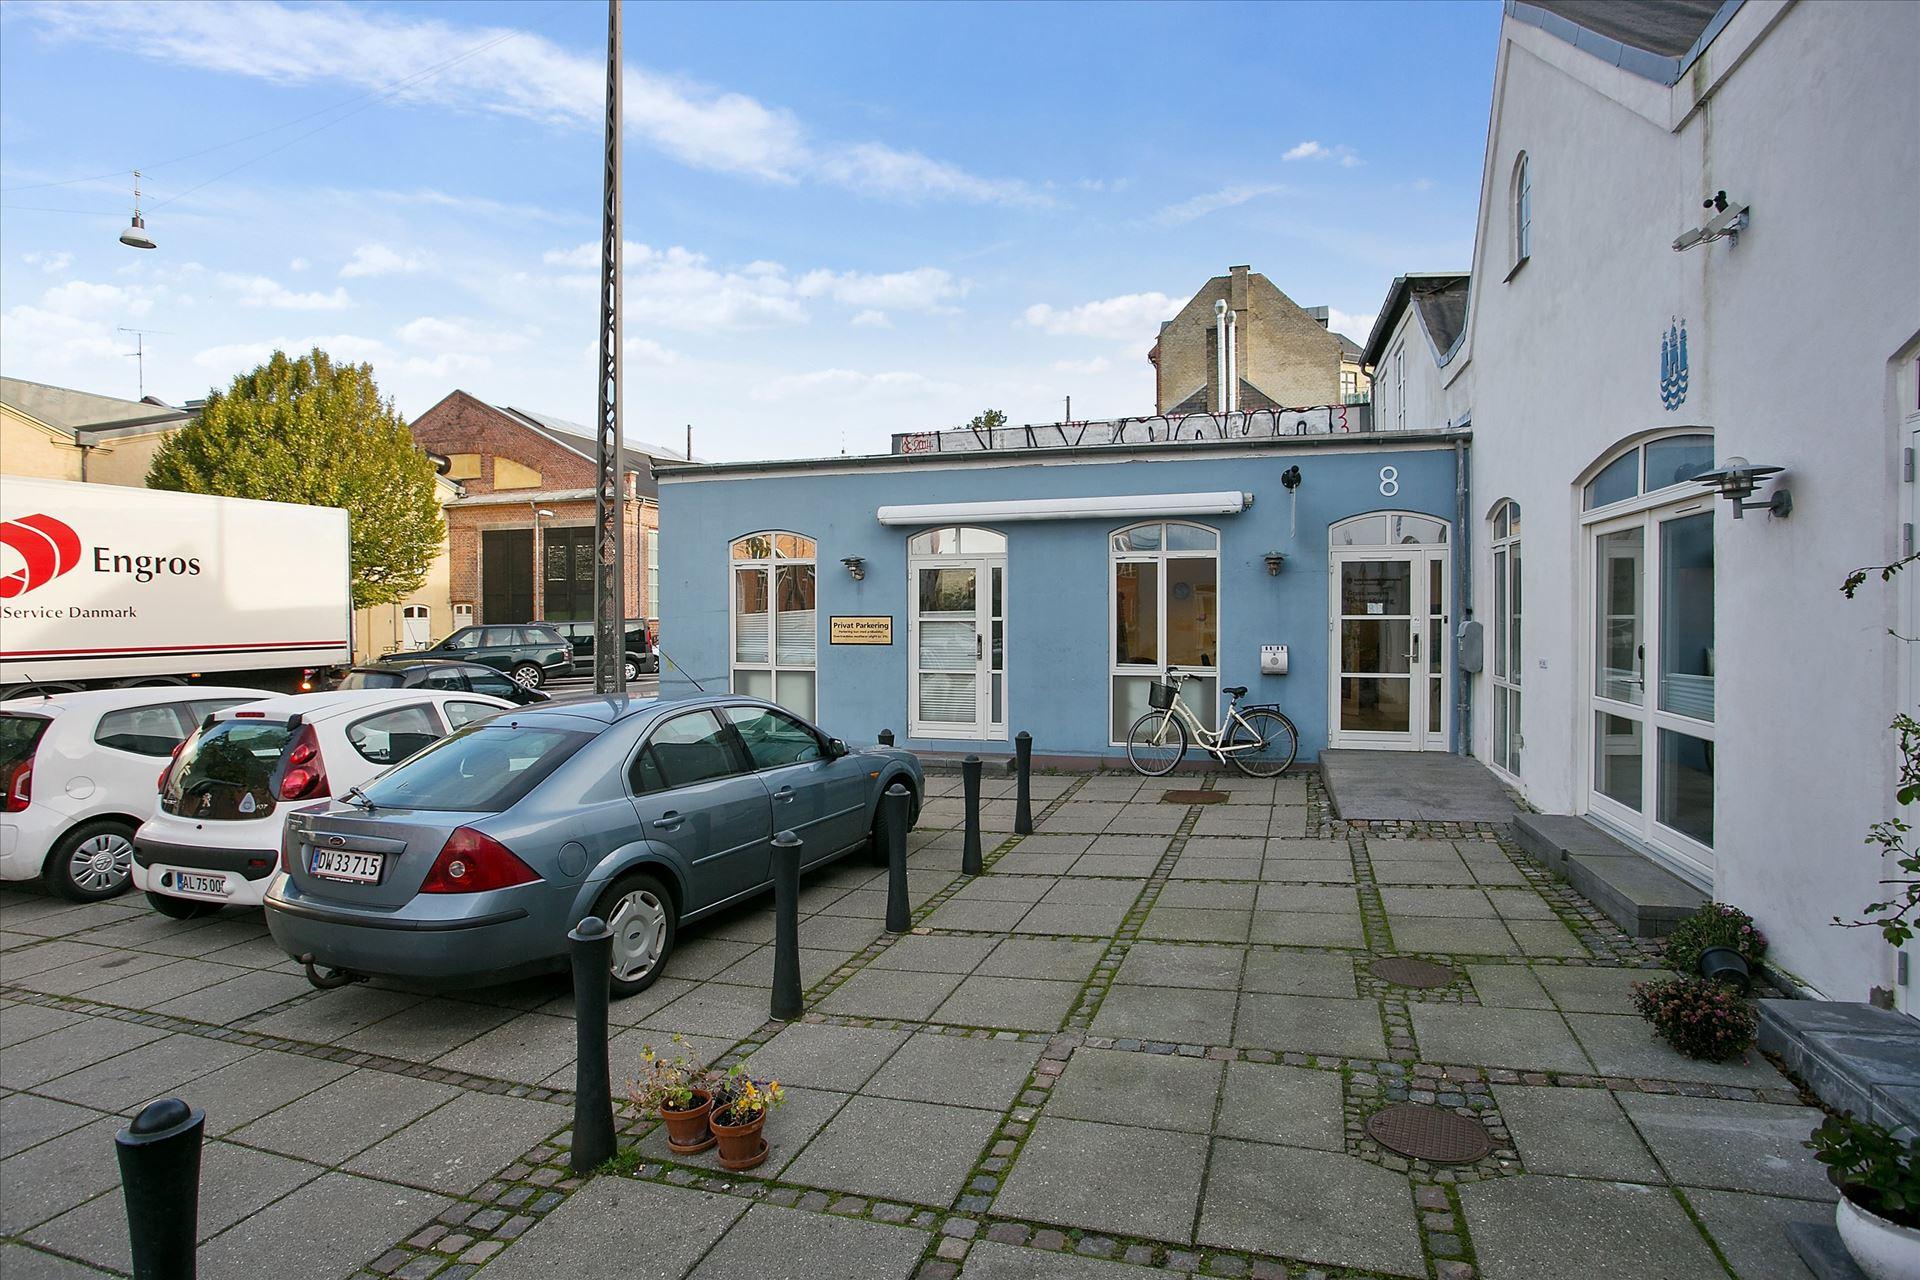 384 m² café/kontor ved Nørrebro st.